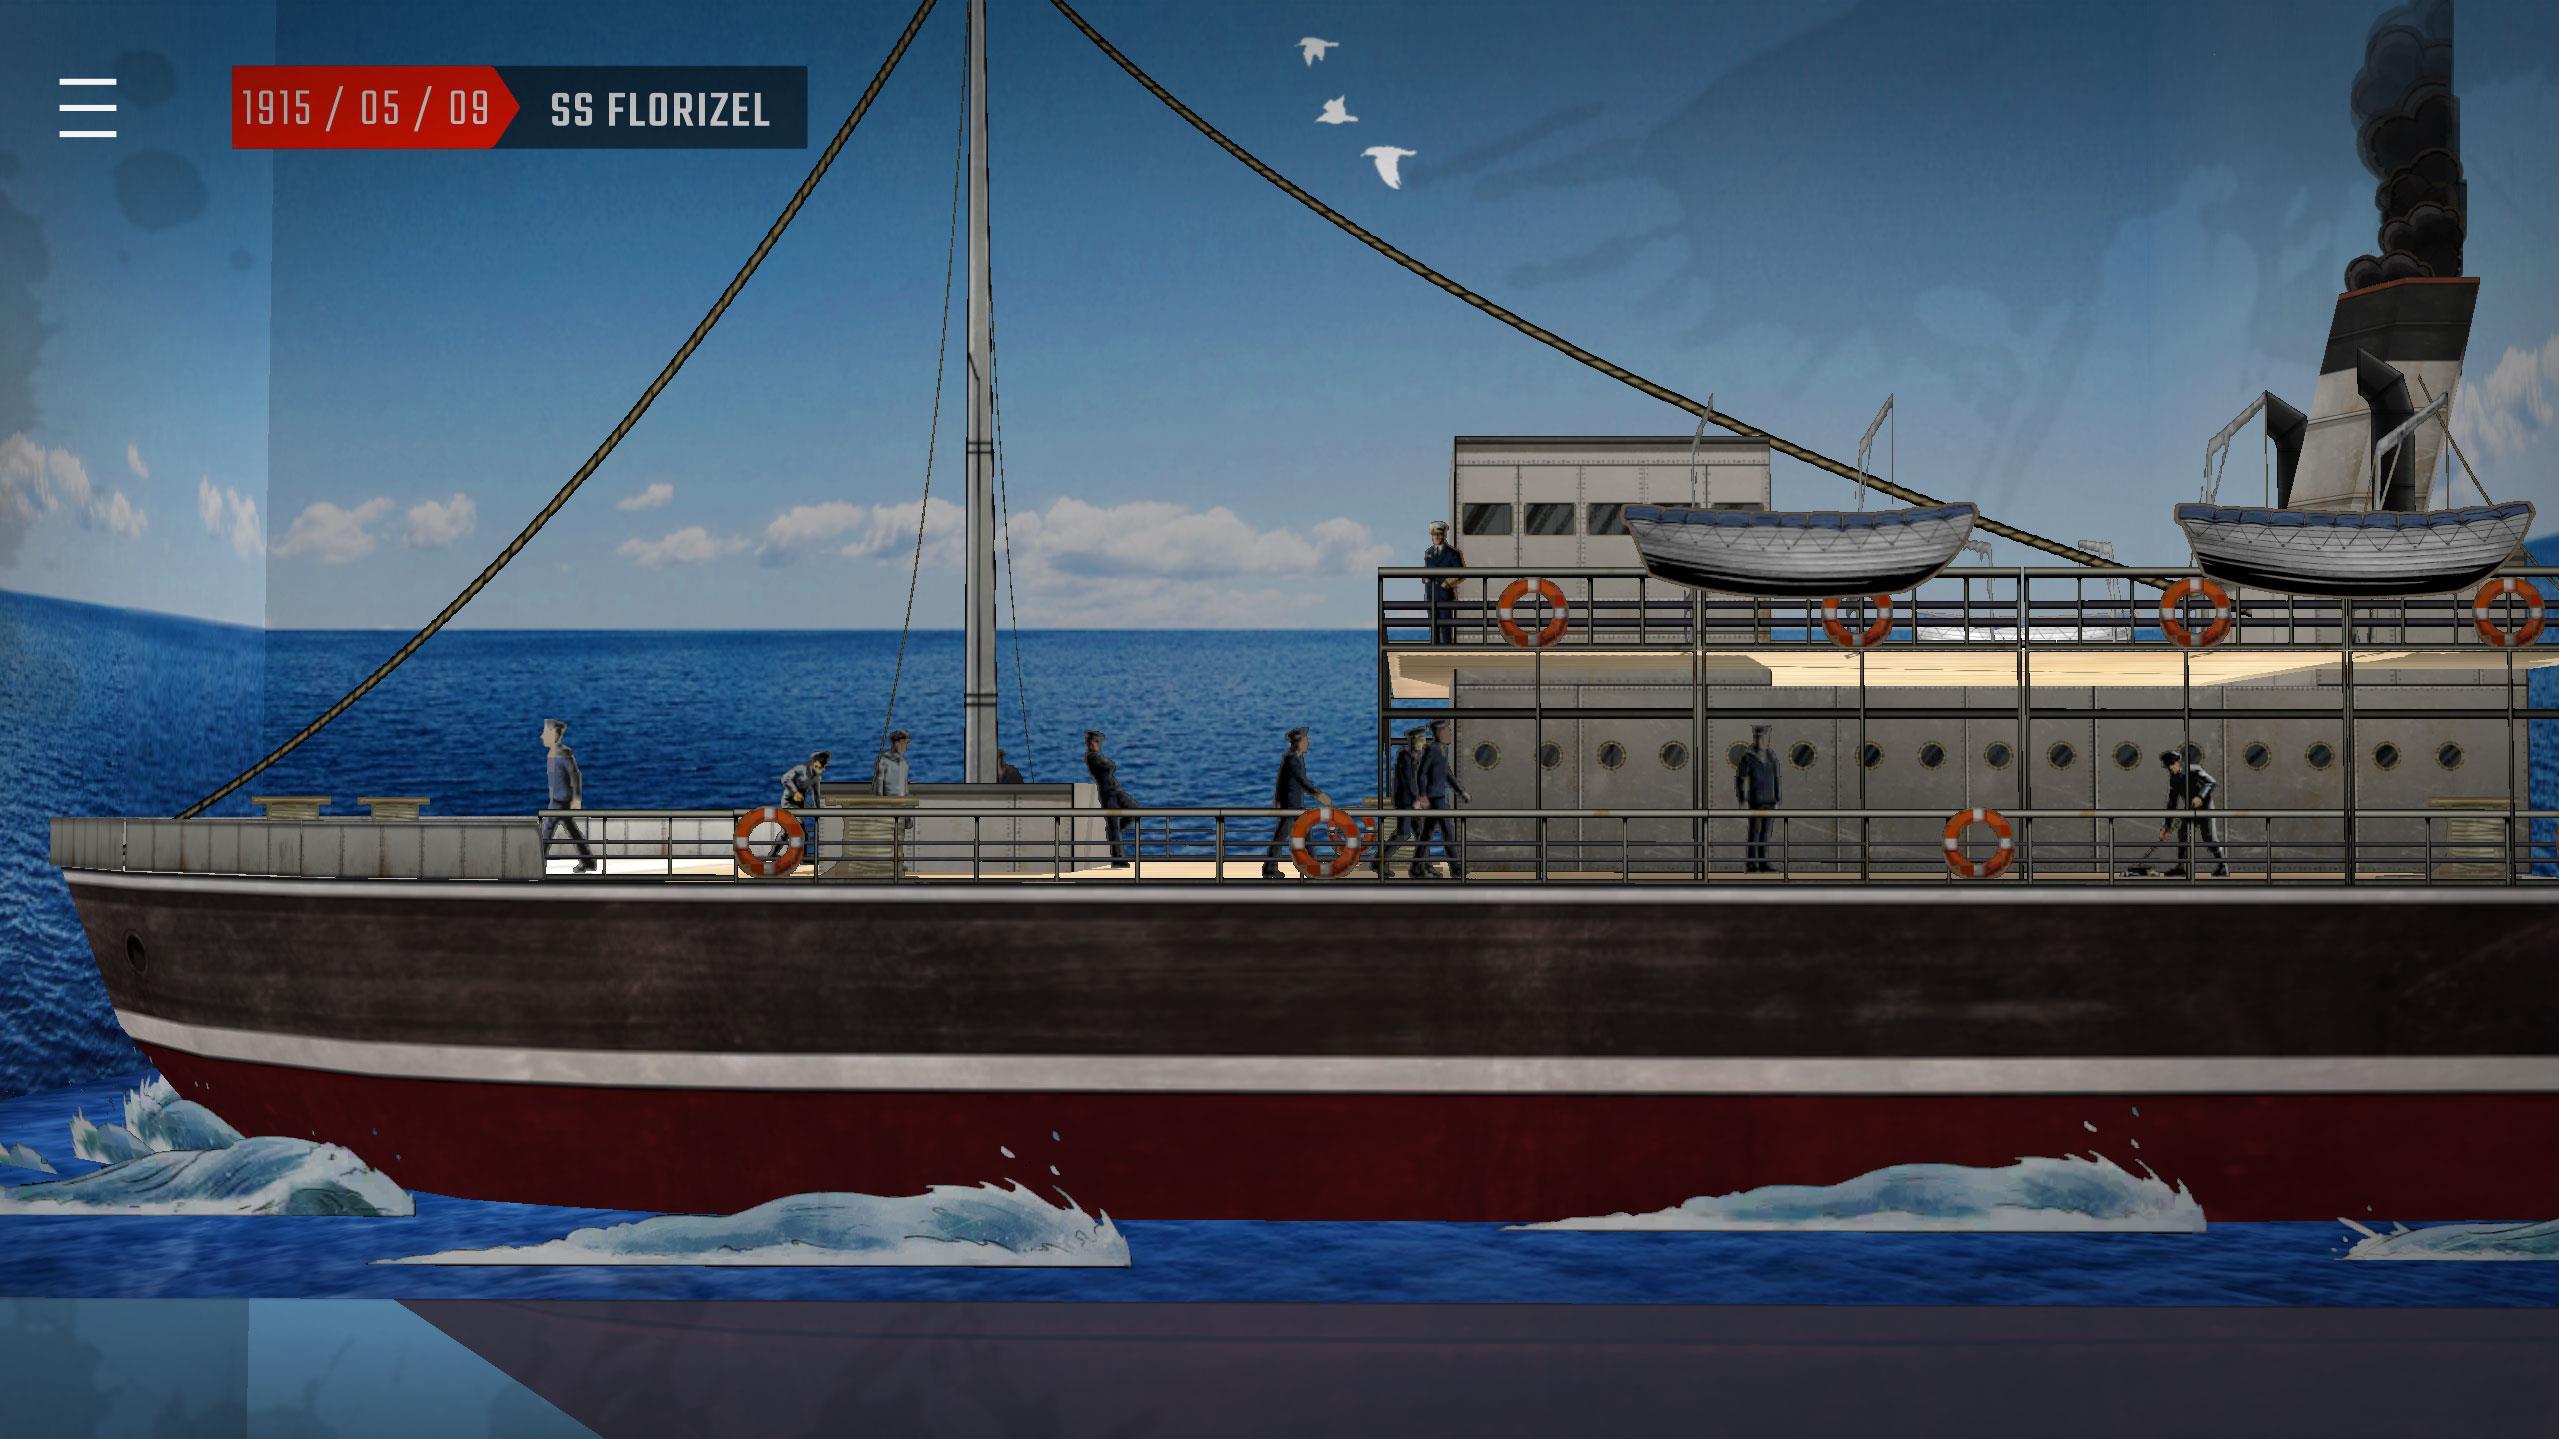 Une image de l'appli Apocalypse 10 Destins RA : Le bateau SS Florizel, 1915.